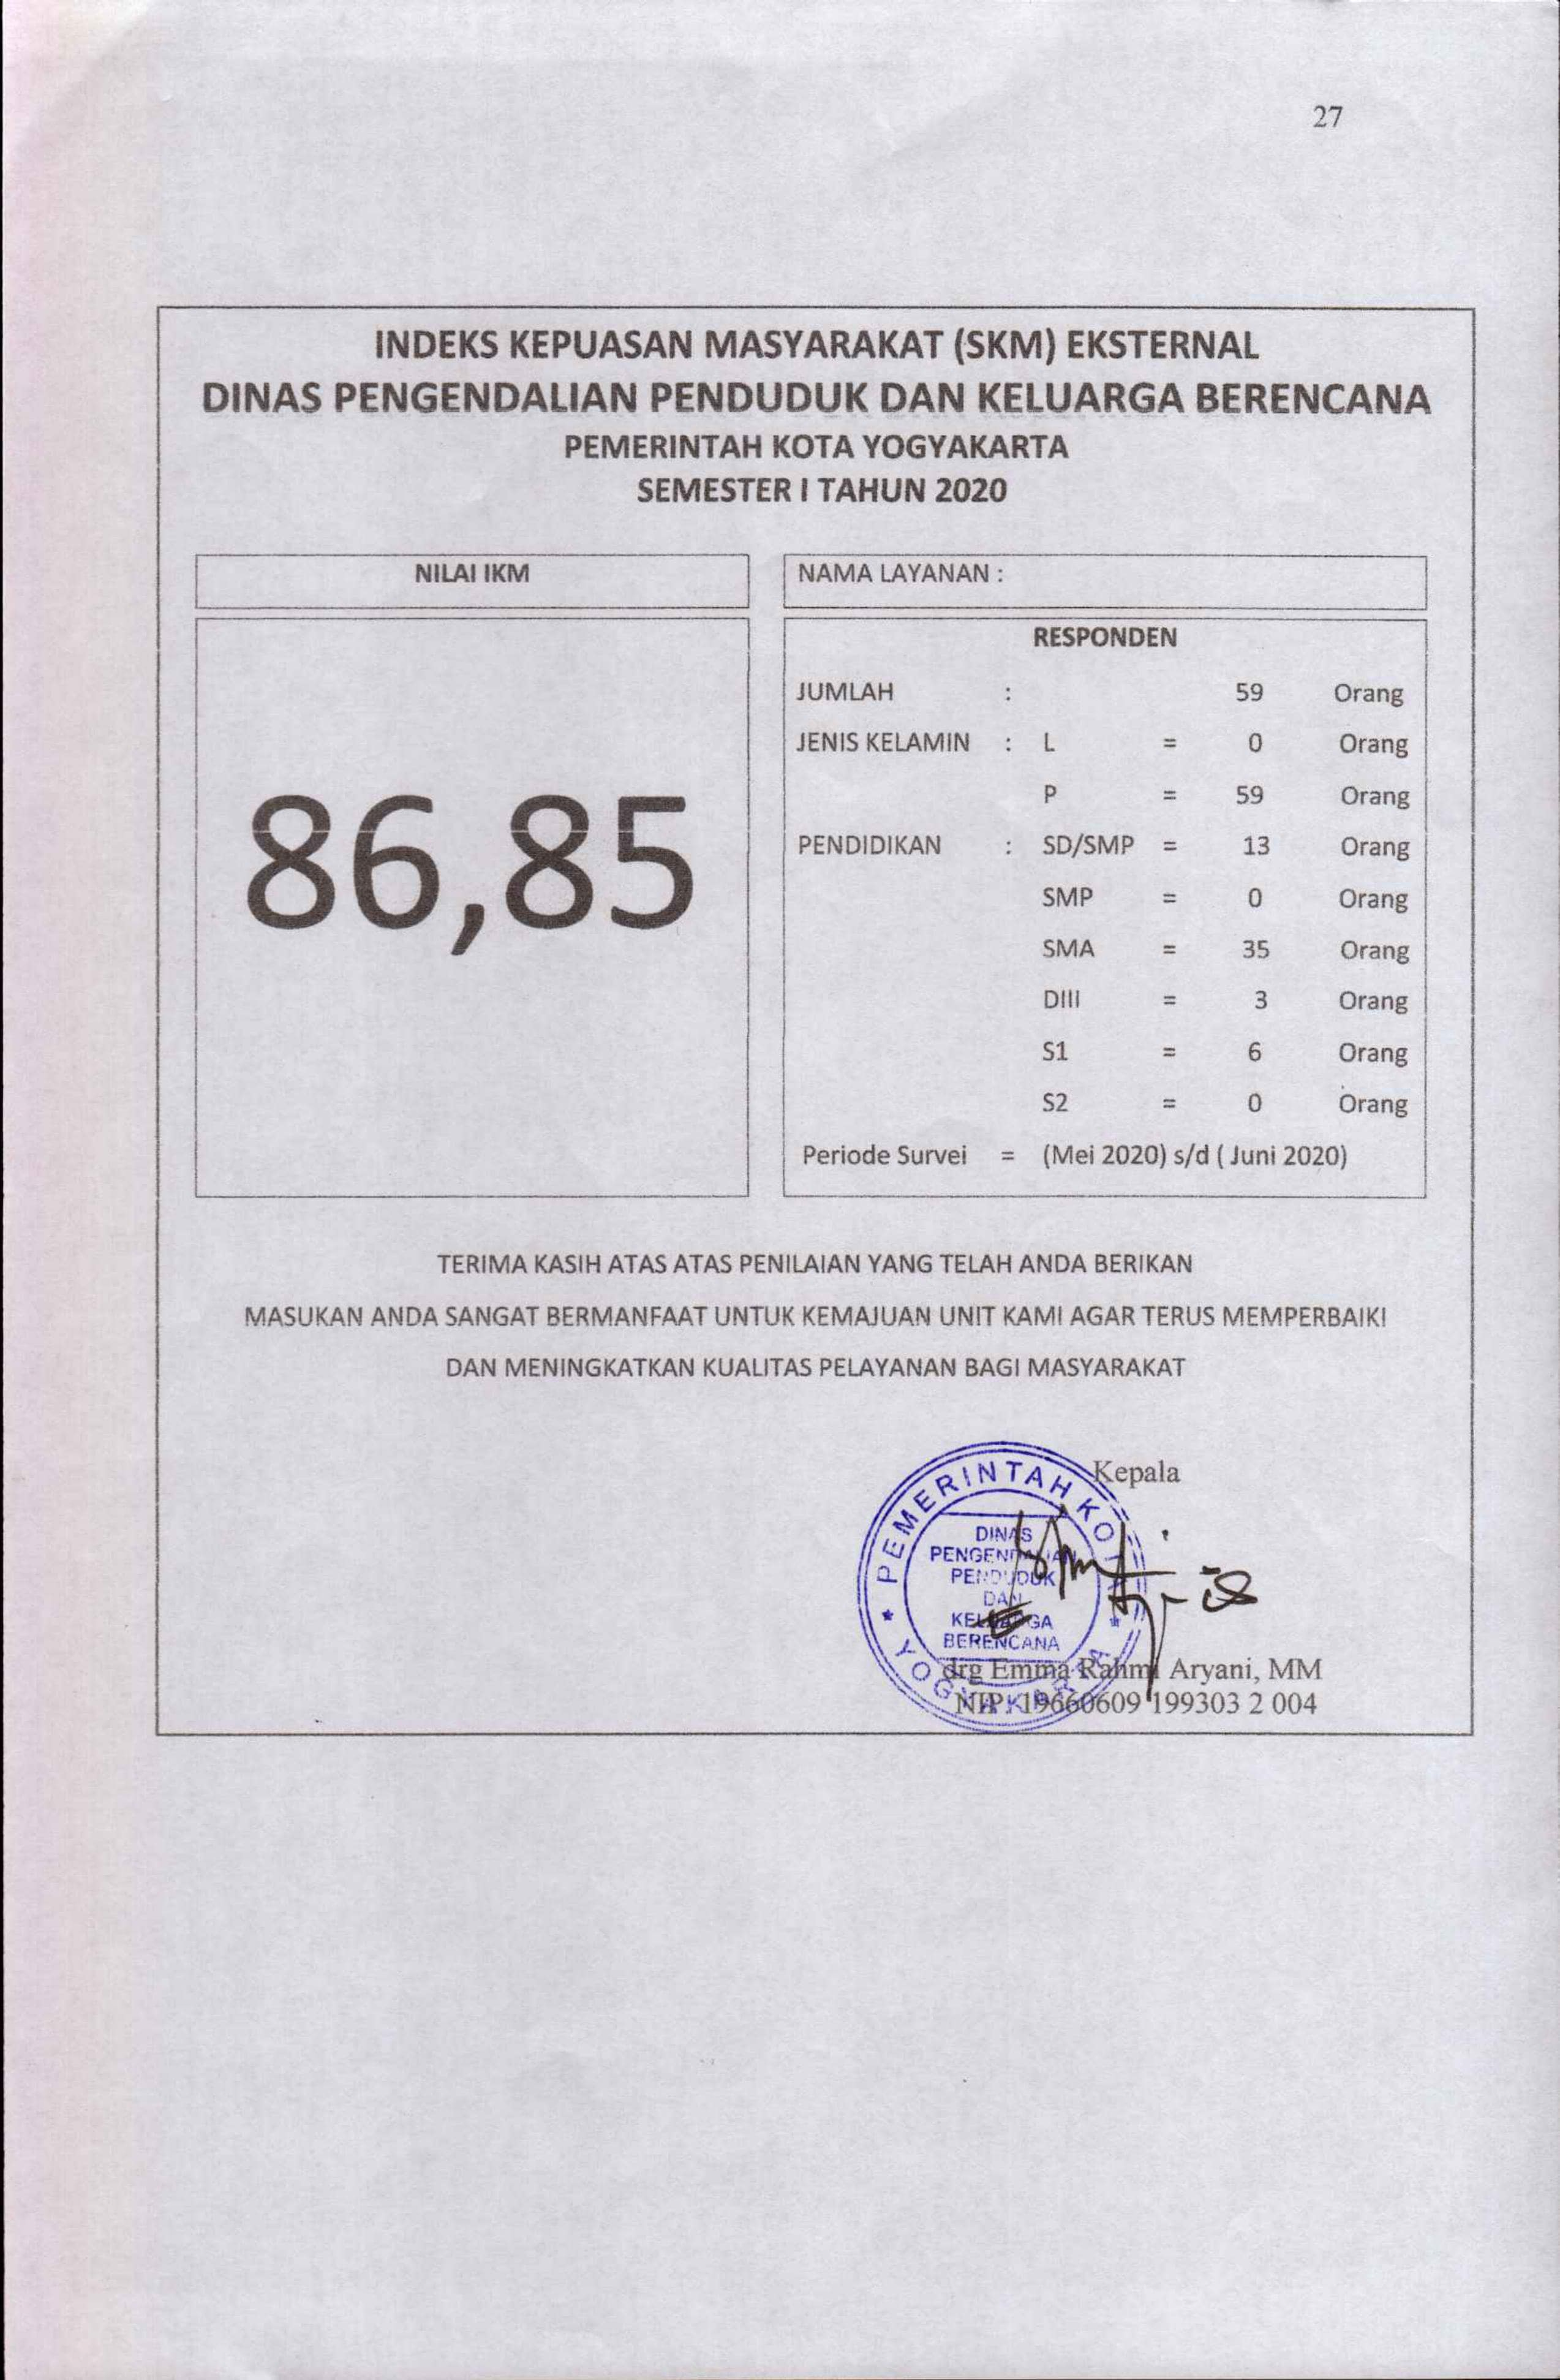 Indeks Kepuasan Masyarakat ( SKM ) Eksternal DPPKB Kota Yogyakarta